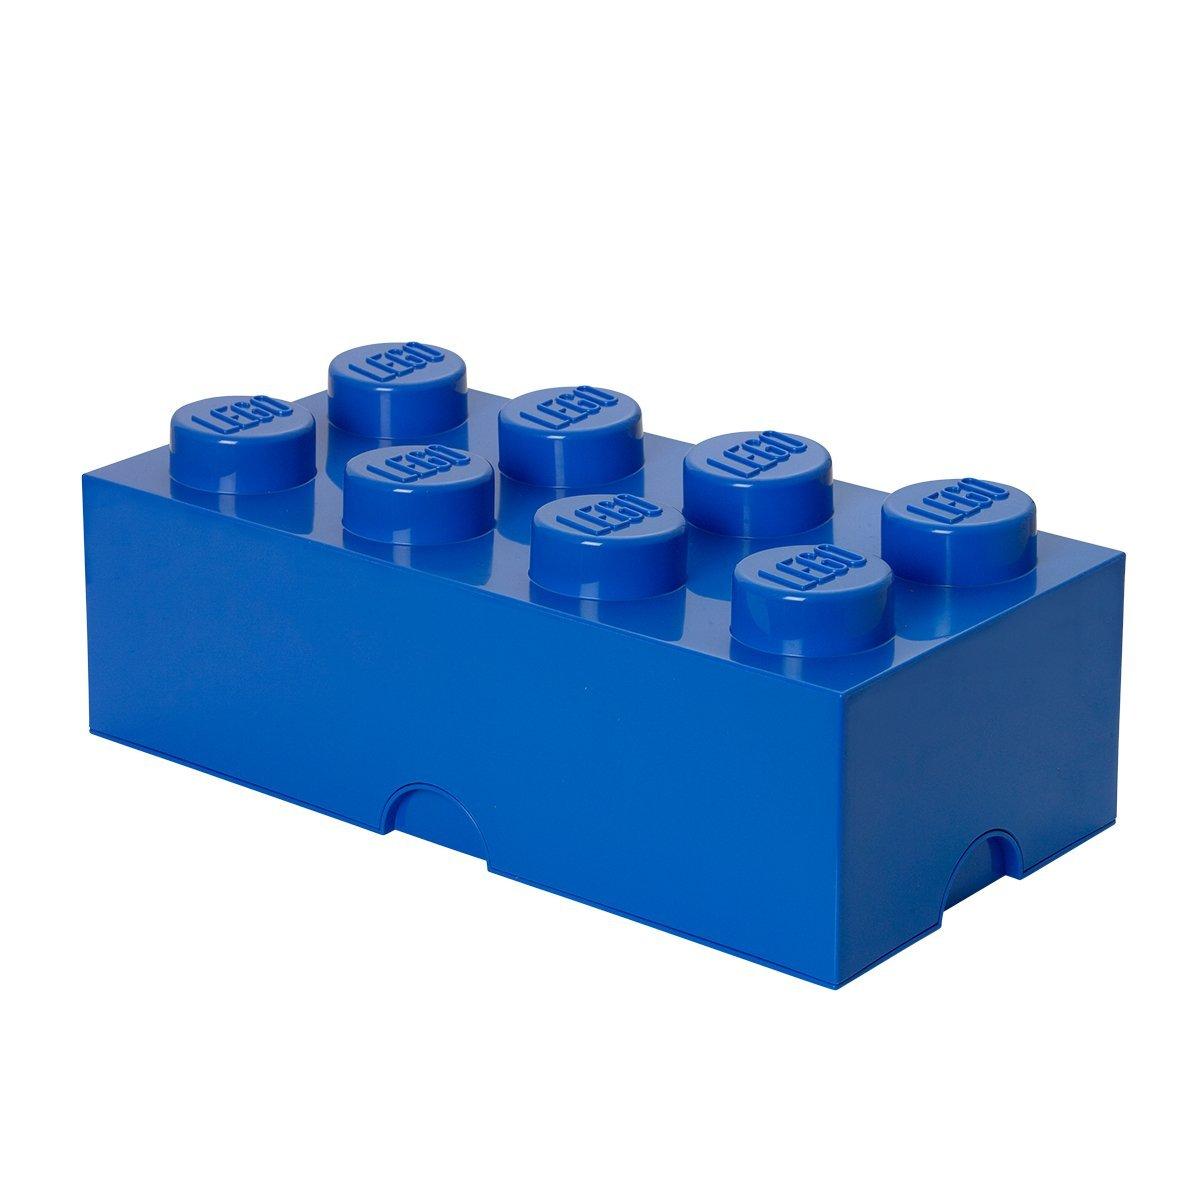 2017 Best Storage LEGO Storage Brick